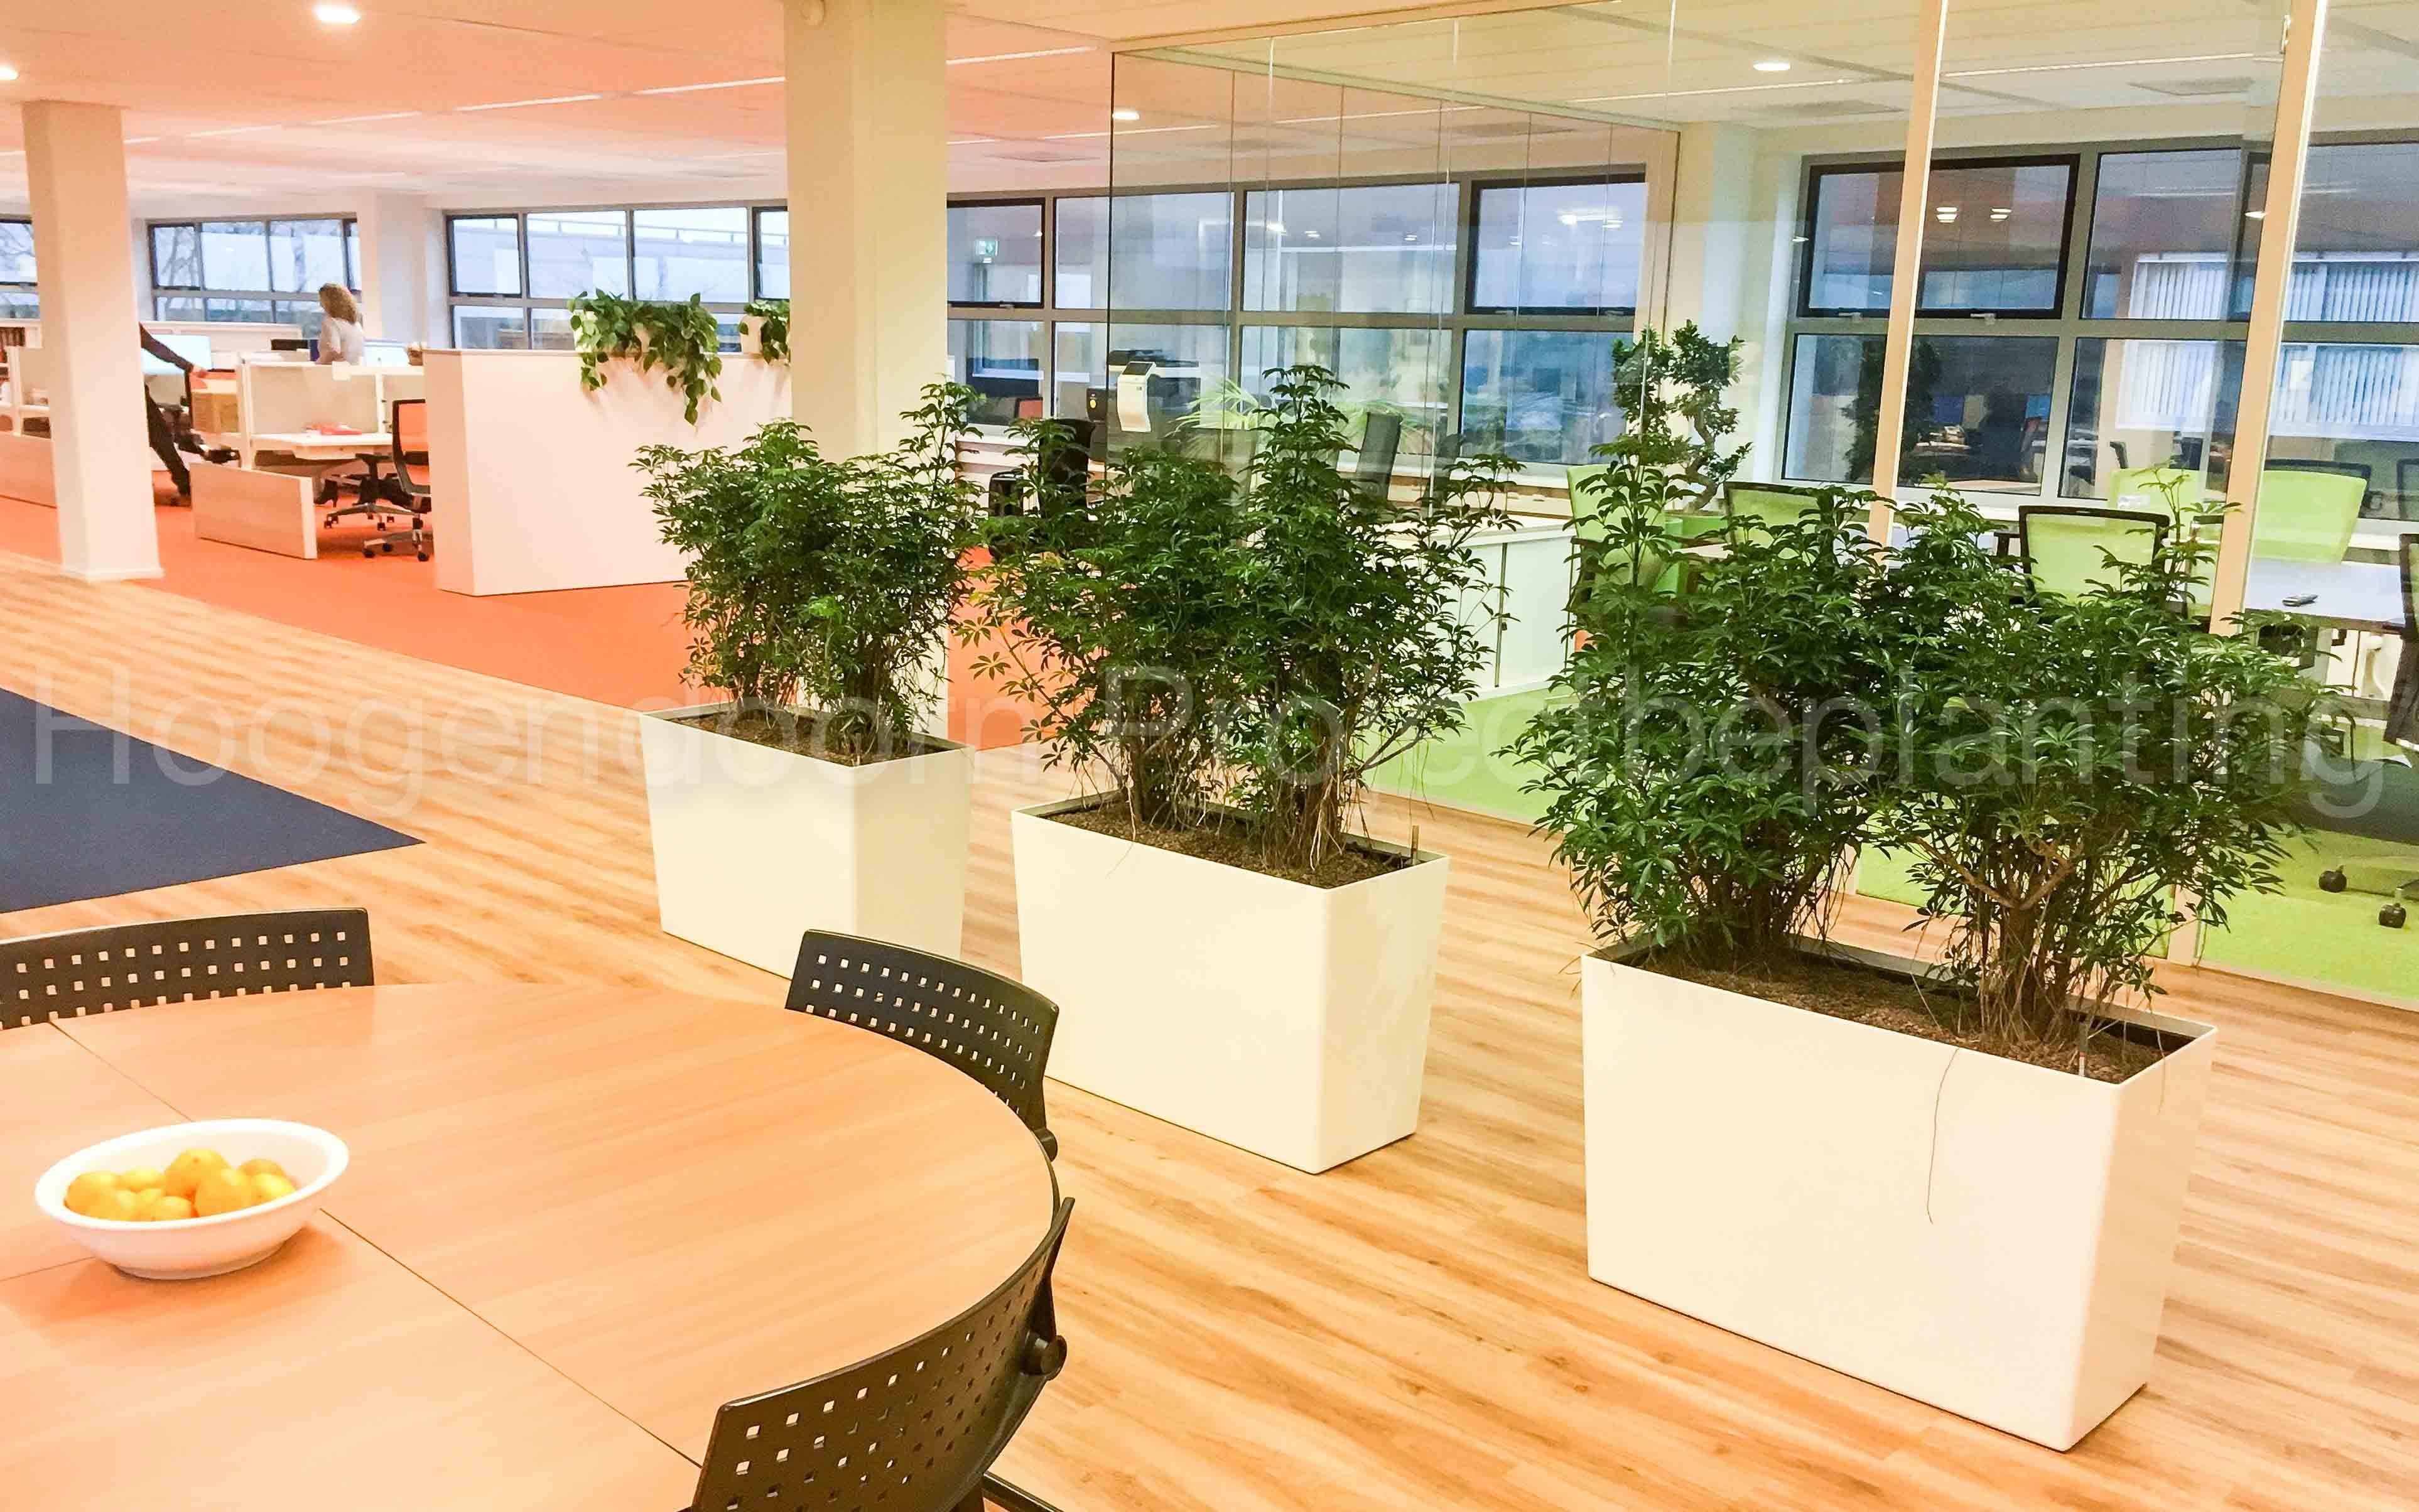 Schefflera louisana busch hydrocultuur for Interieur bedrijf